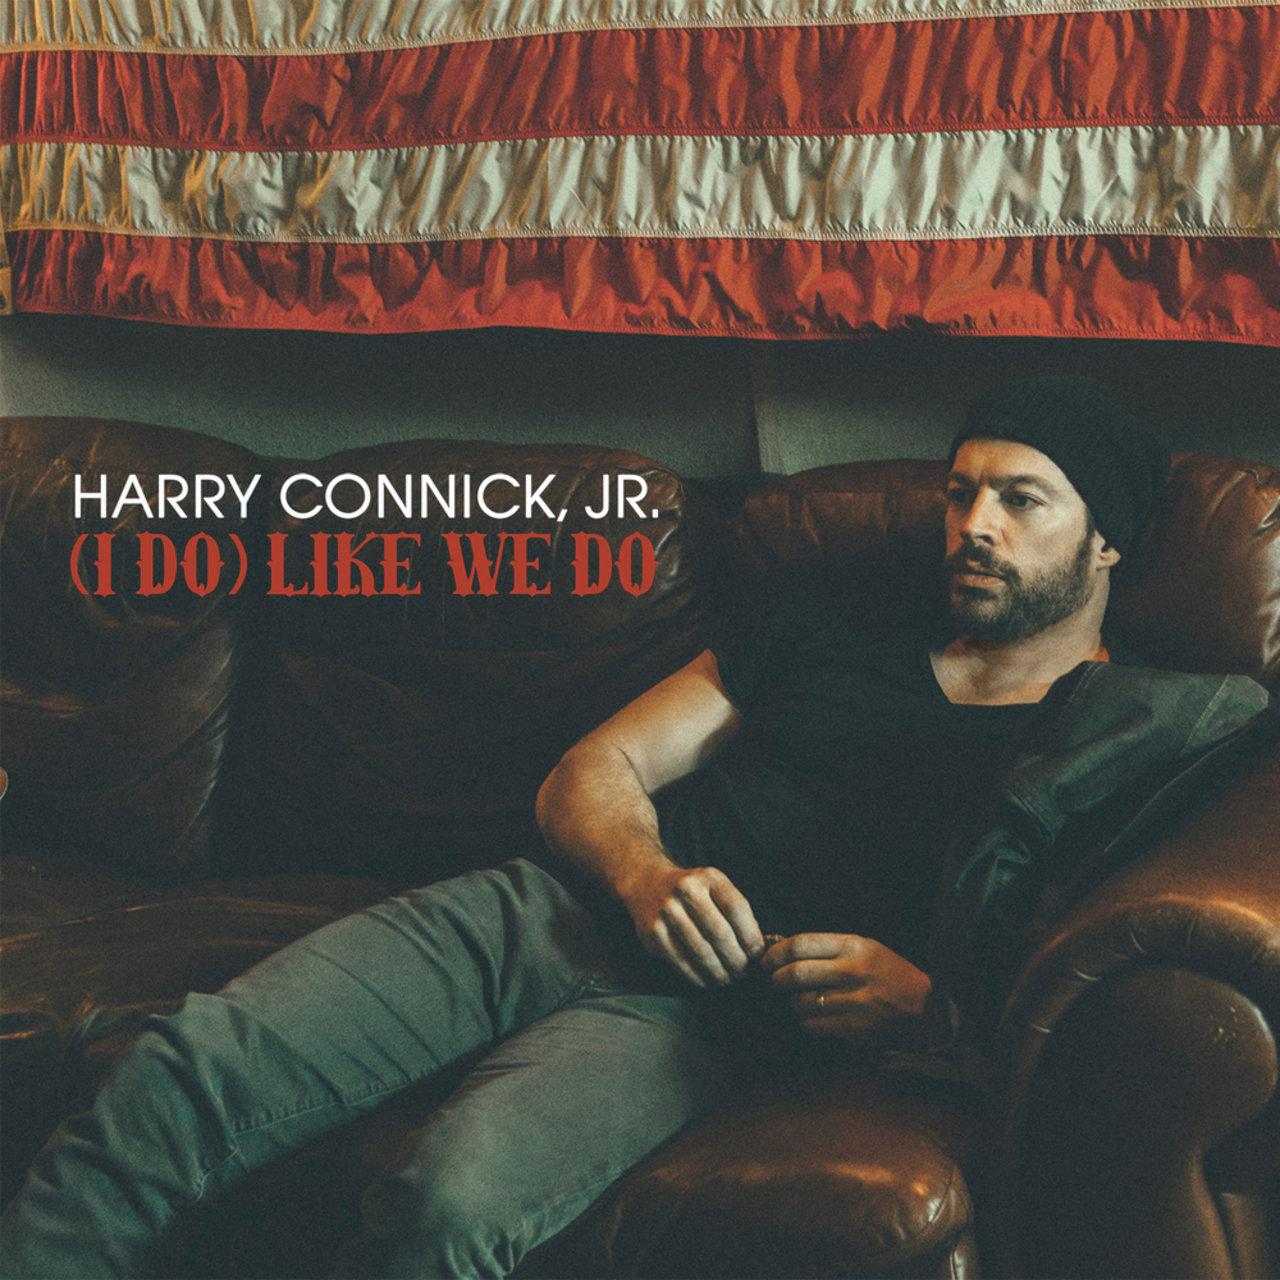 harry connick jr i do like we do